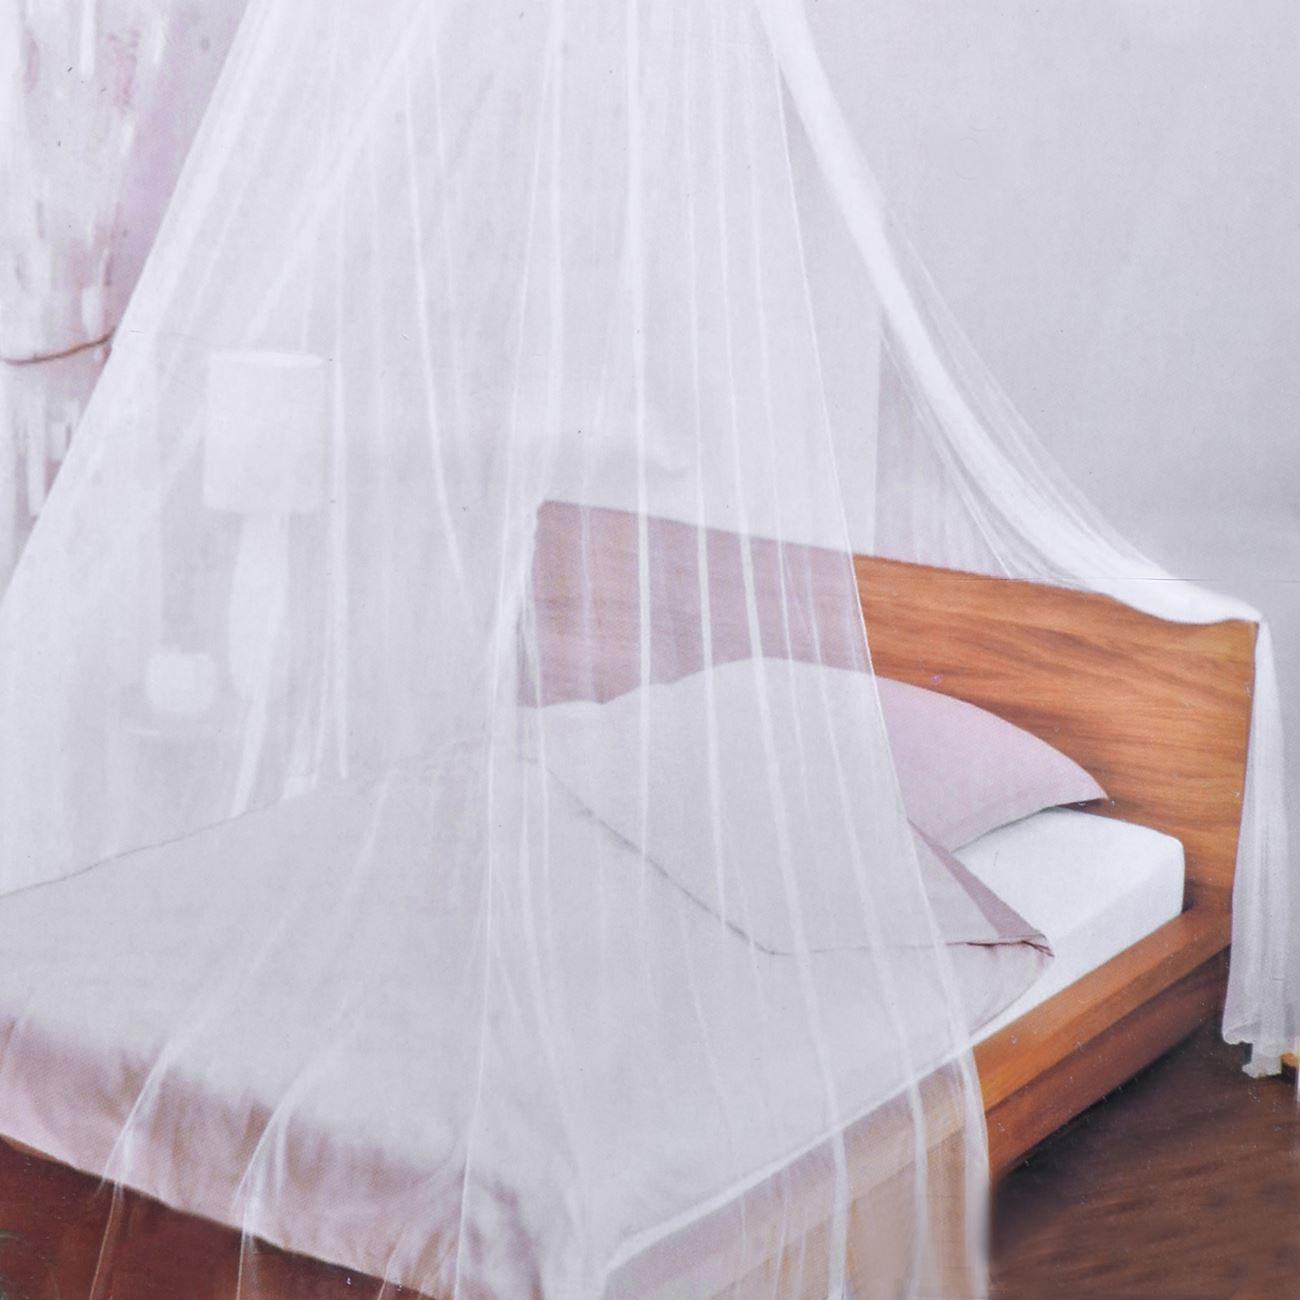 Αποτέλεσμα εικόνας για κουνουπιέρες